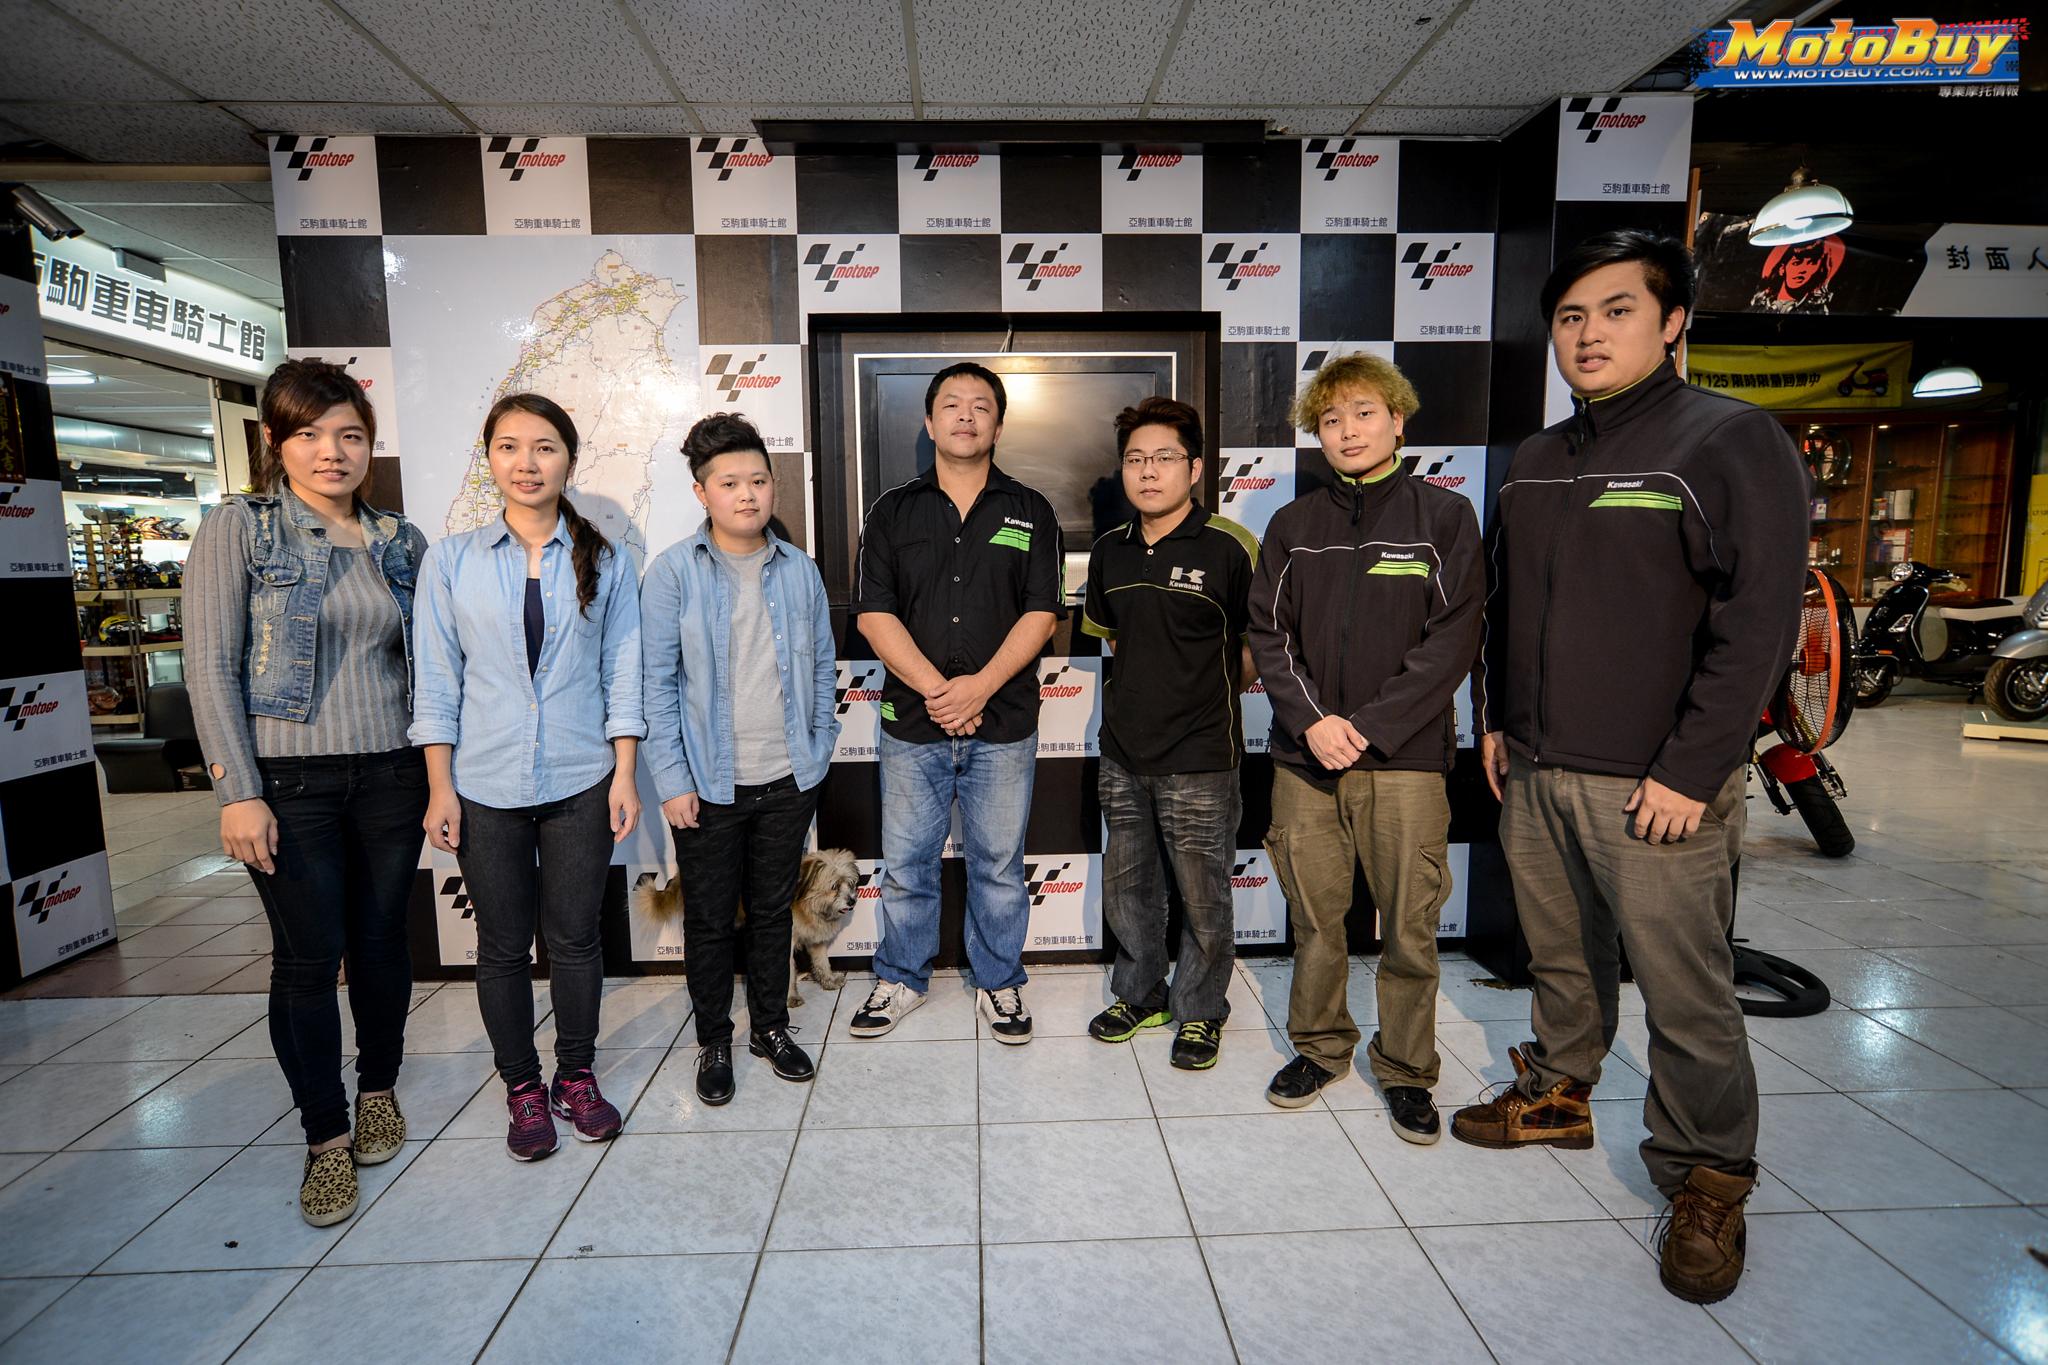 [店家介紹] 展現自我騎士風格 ~ 亞駒重車騎士館 | MotoBuy